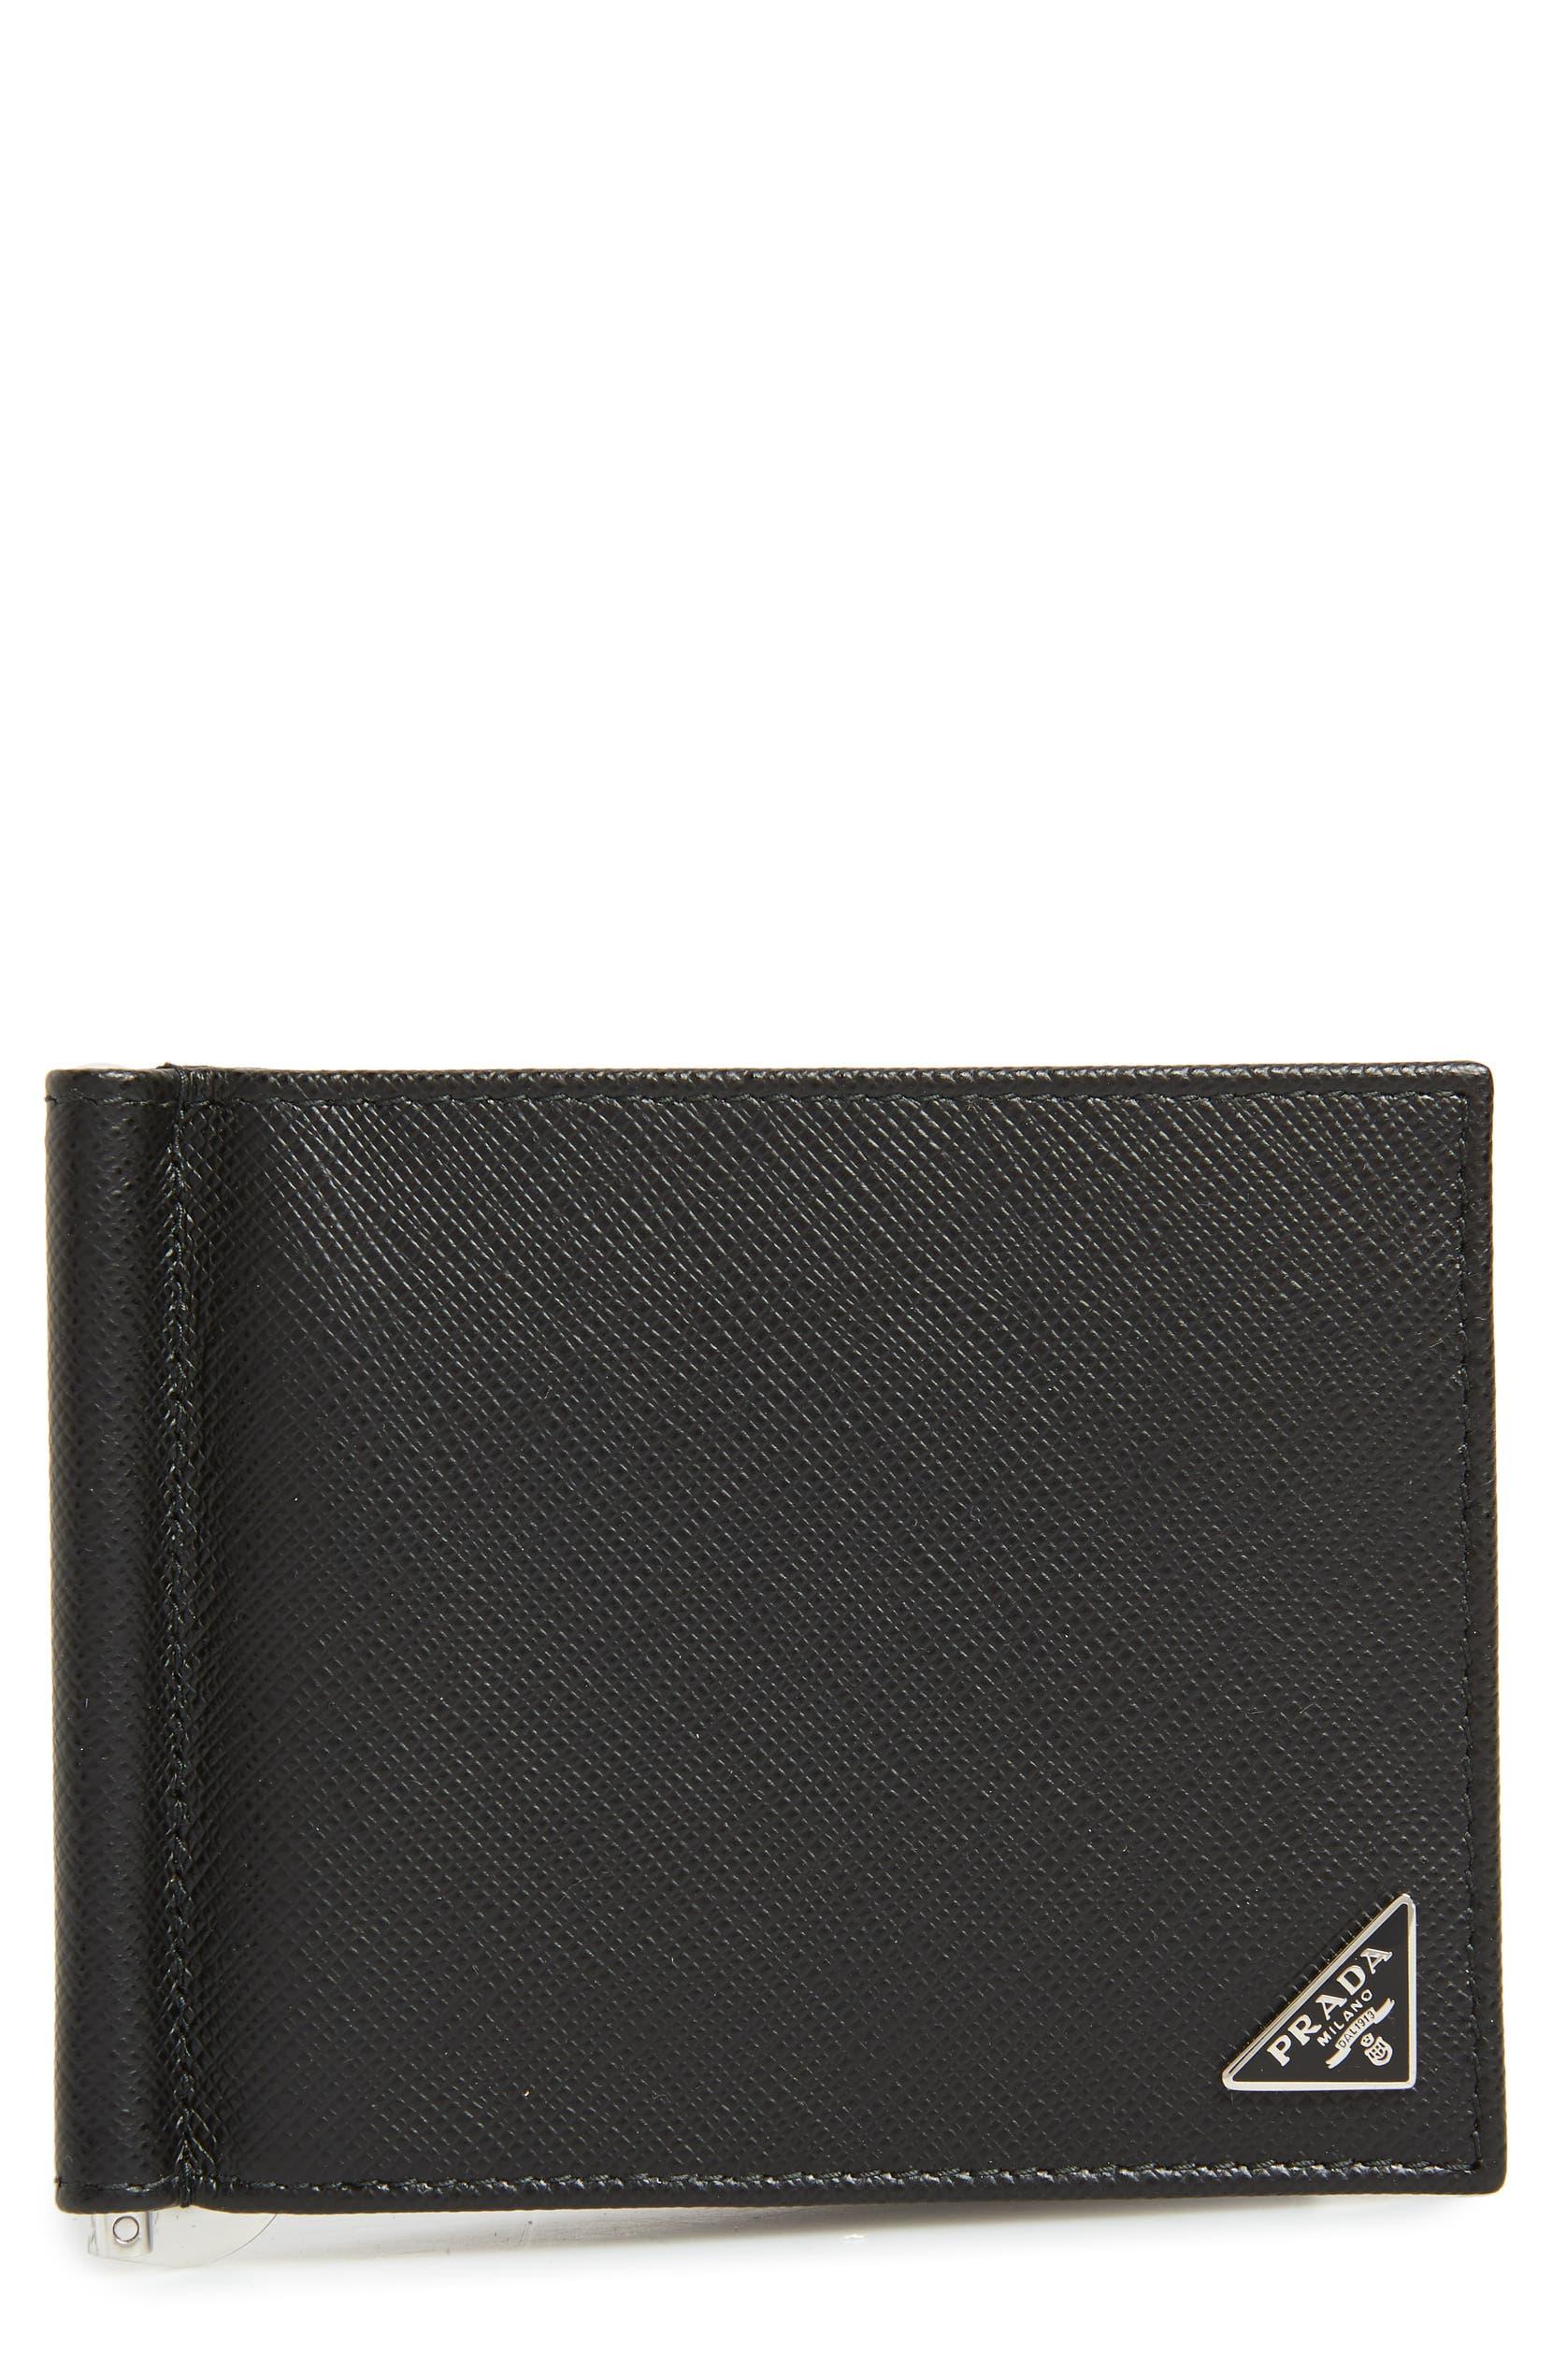 eebd434f91c6 Prada Saffiano Leather Money Clip Wallet   Nordstrom